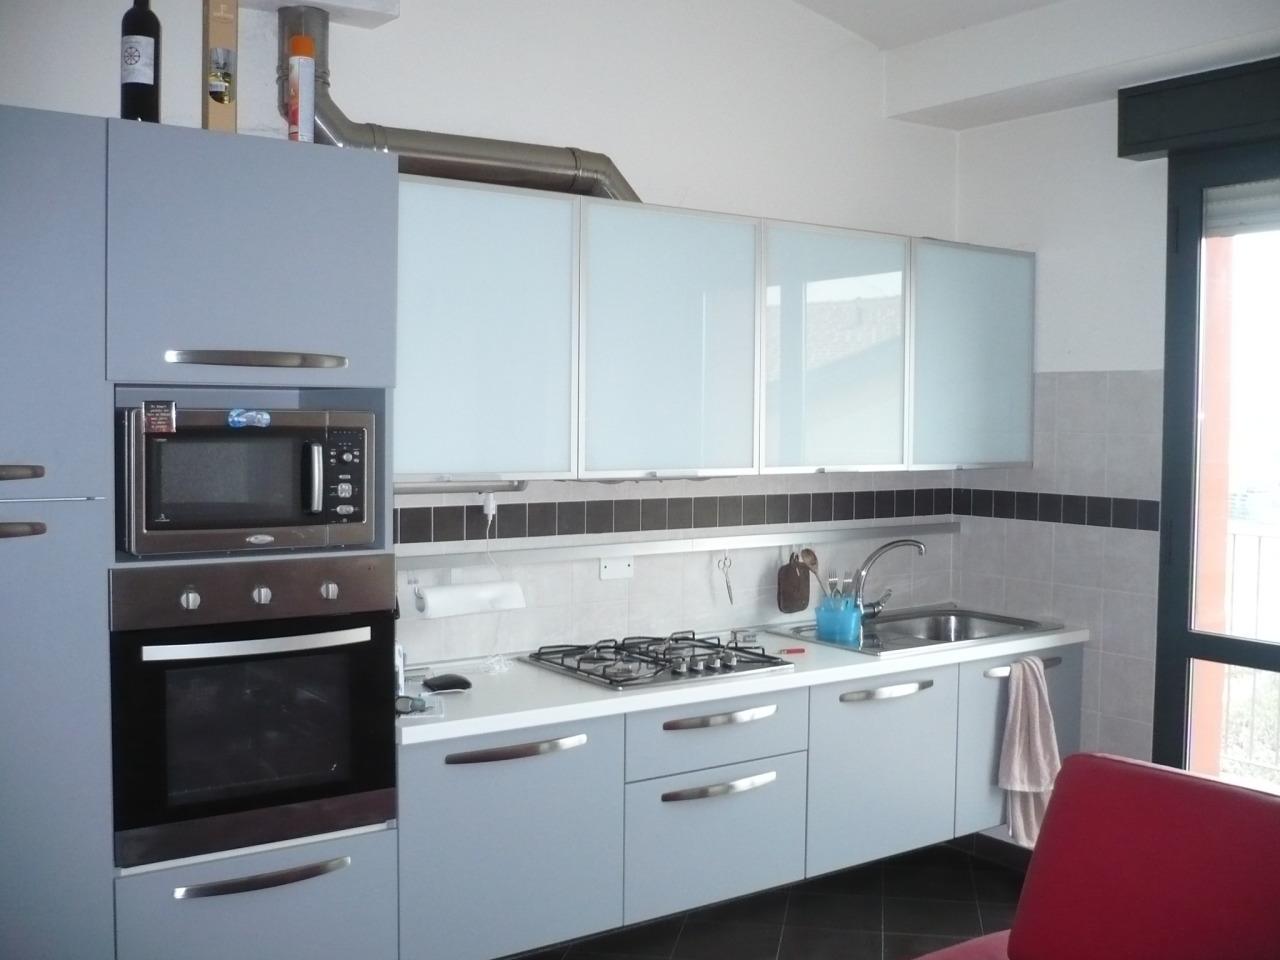 Appartamento in vendita a Parma, 3 locali, prezzo € 135.000 | Cambio Casa.it